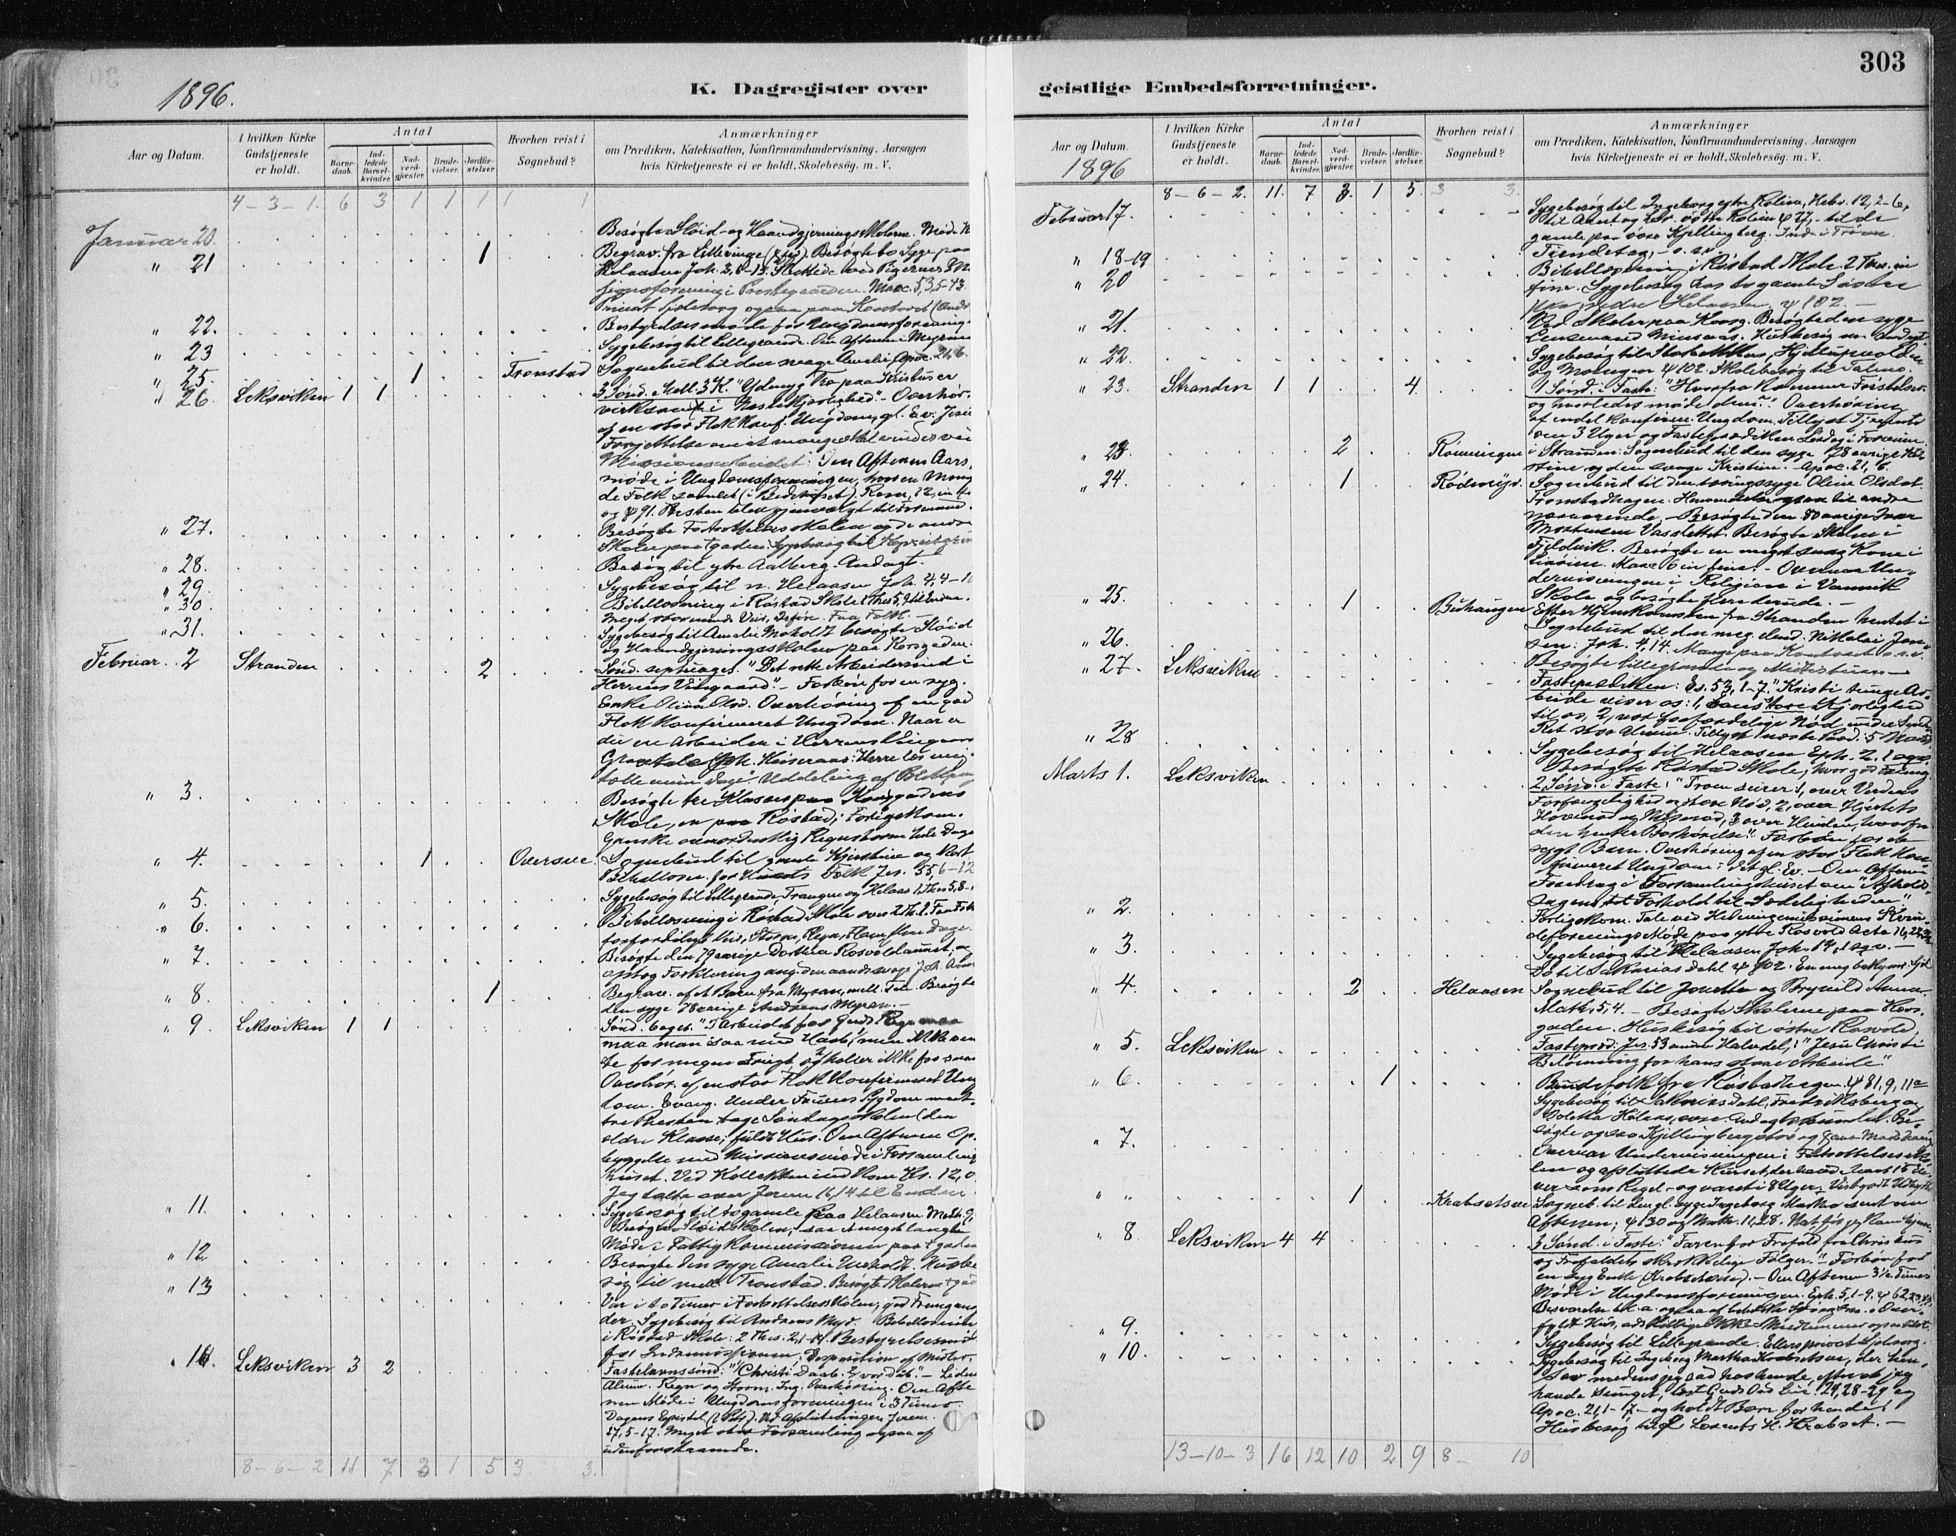 SAT, Ministerialprotokoller, klokkerbøker og fødselsregistre - Nord-Trøndelag, 701/L0010: Ministerialbok nr. 701A10, 1883-1899, s. 303